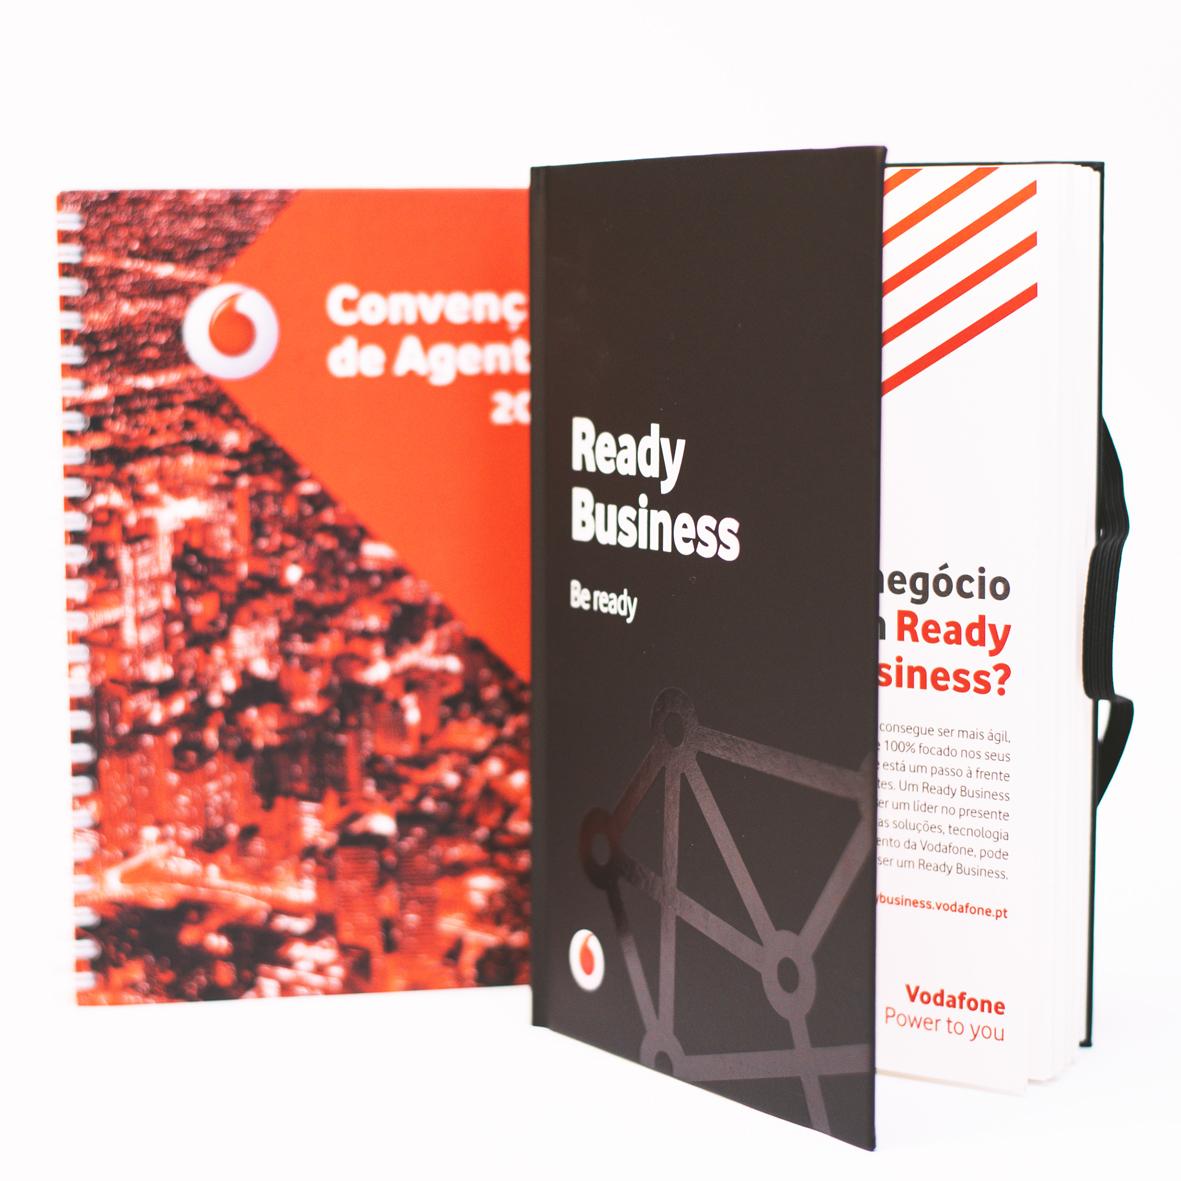 Cadernos-Vodafone